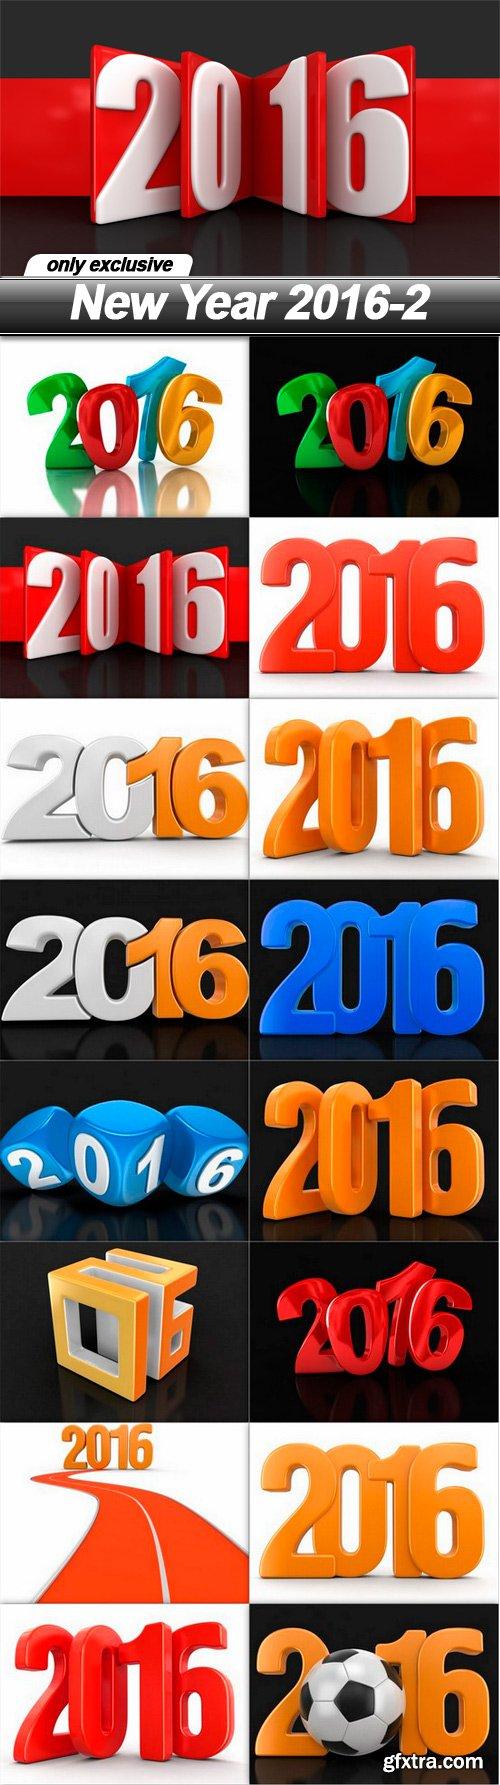 New Year 2016-2 - 16 UHQ JPEG